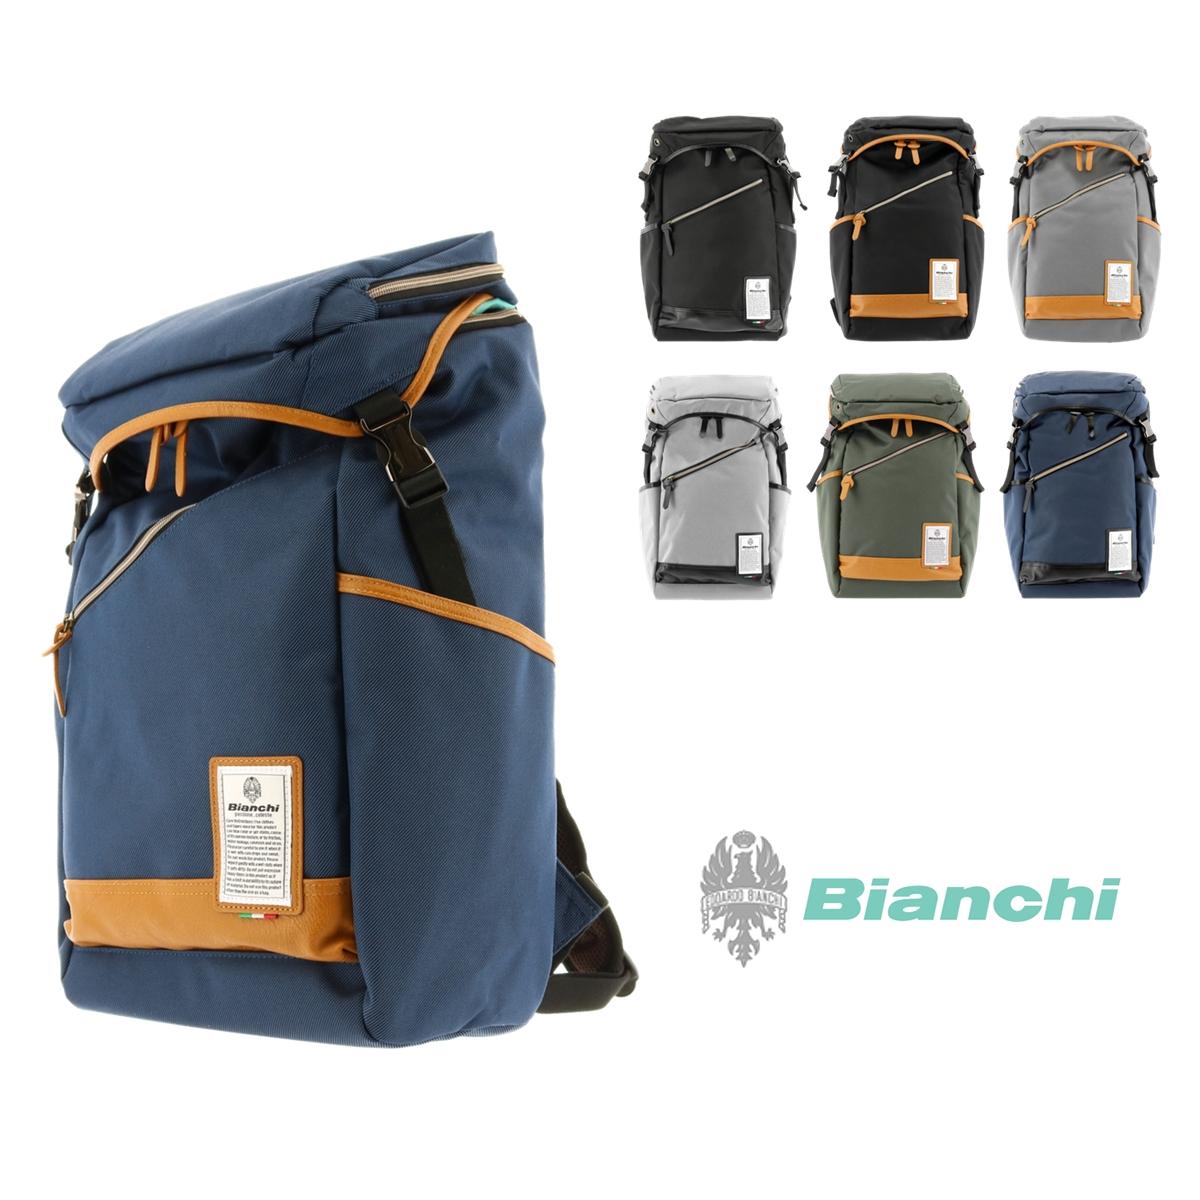 ビアンキ Bianchi リュック NBTC-55 DIBASE 【 バックパック デイパック メンズ 】[bef][即日発送]